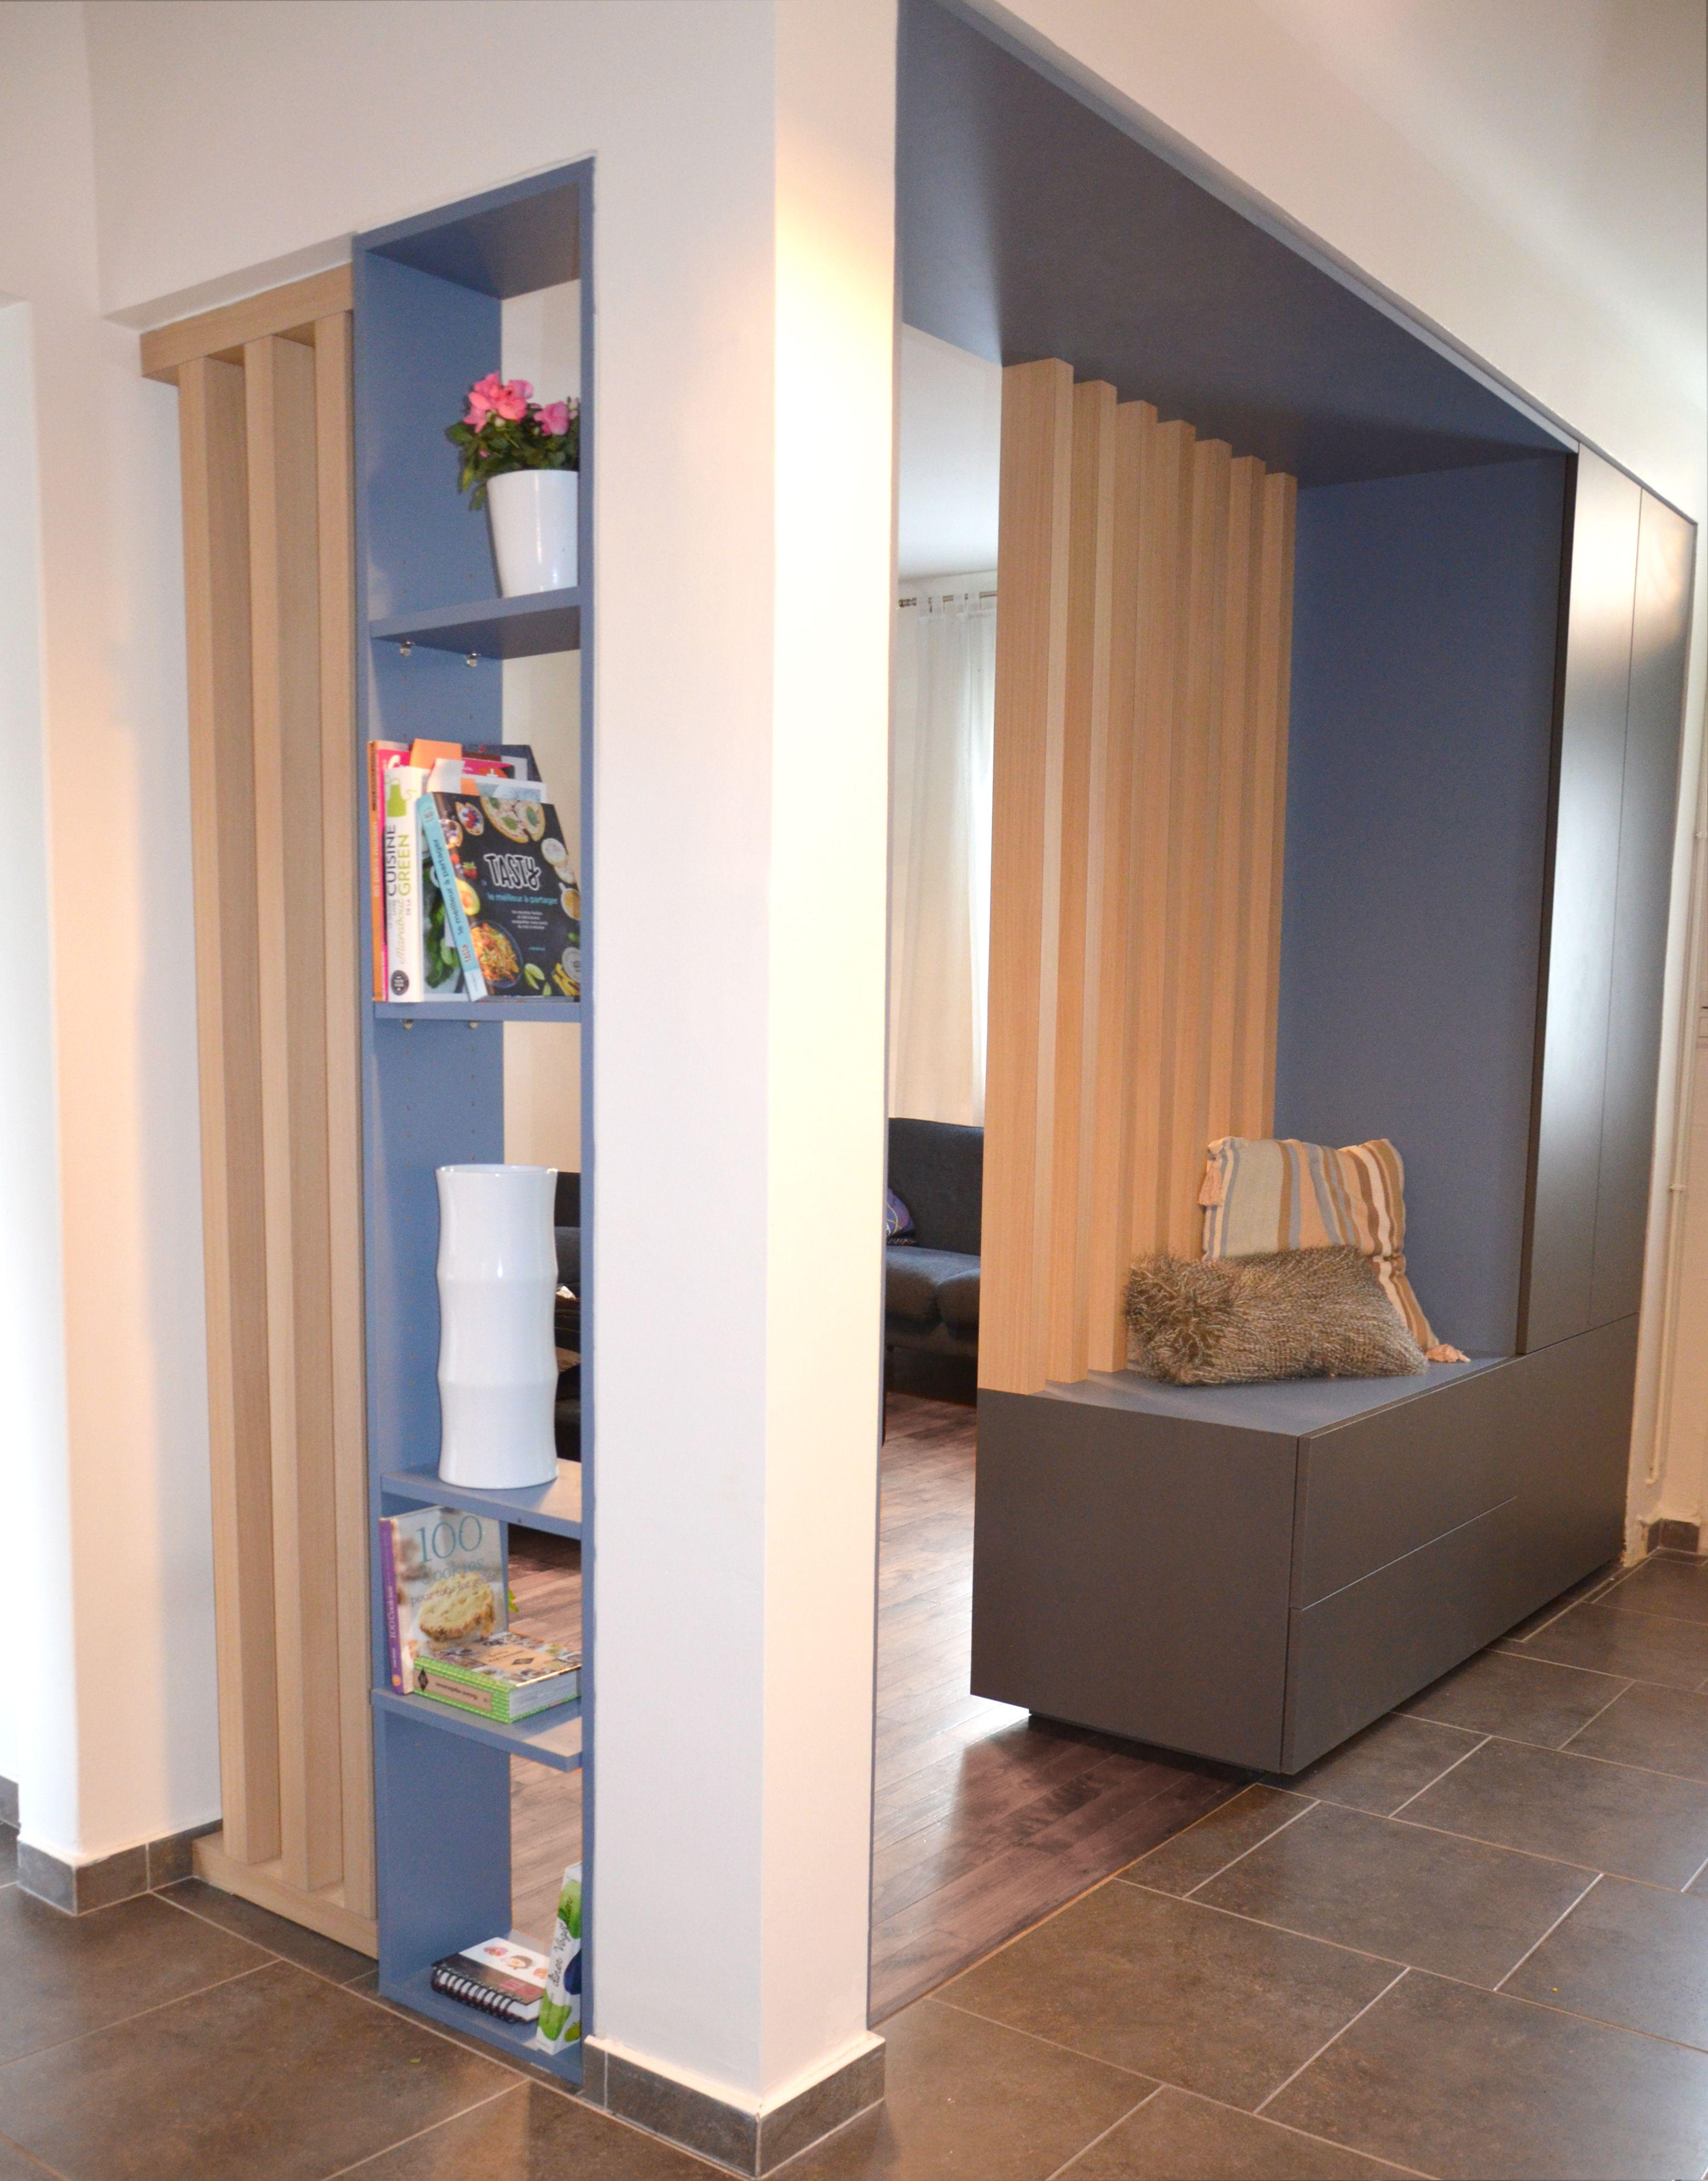 Meuble Separation Cuisine Salon meuble / placard d'entrée. séparation couloir et salon